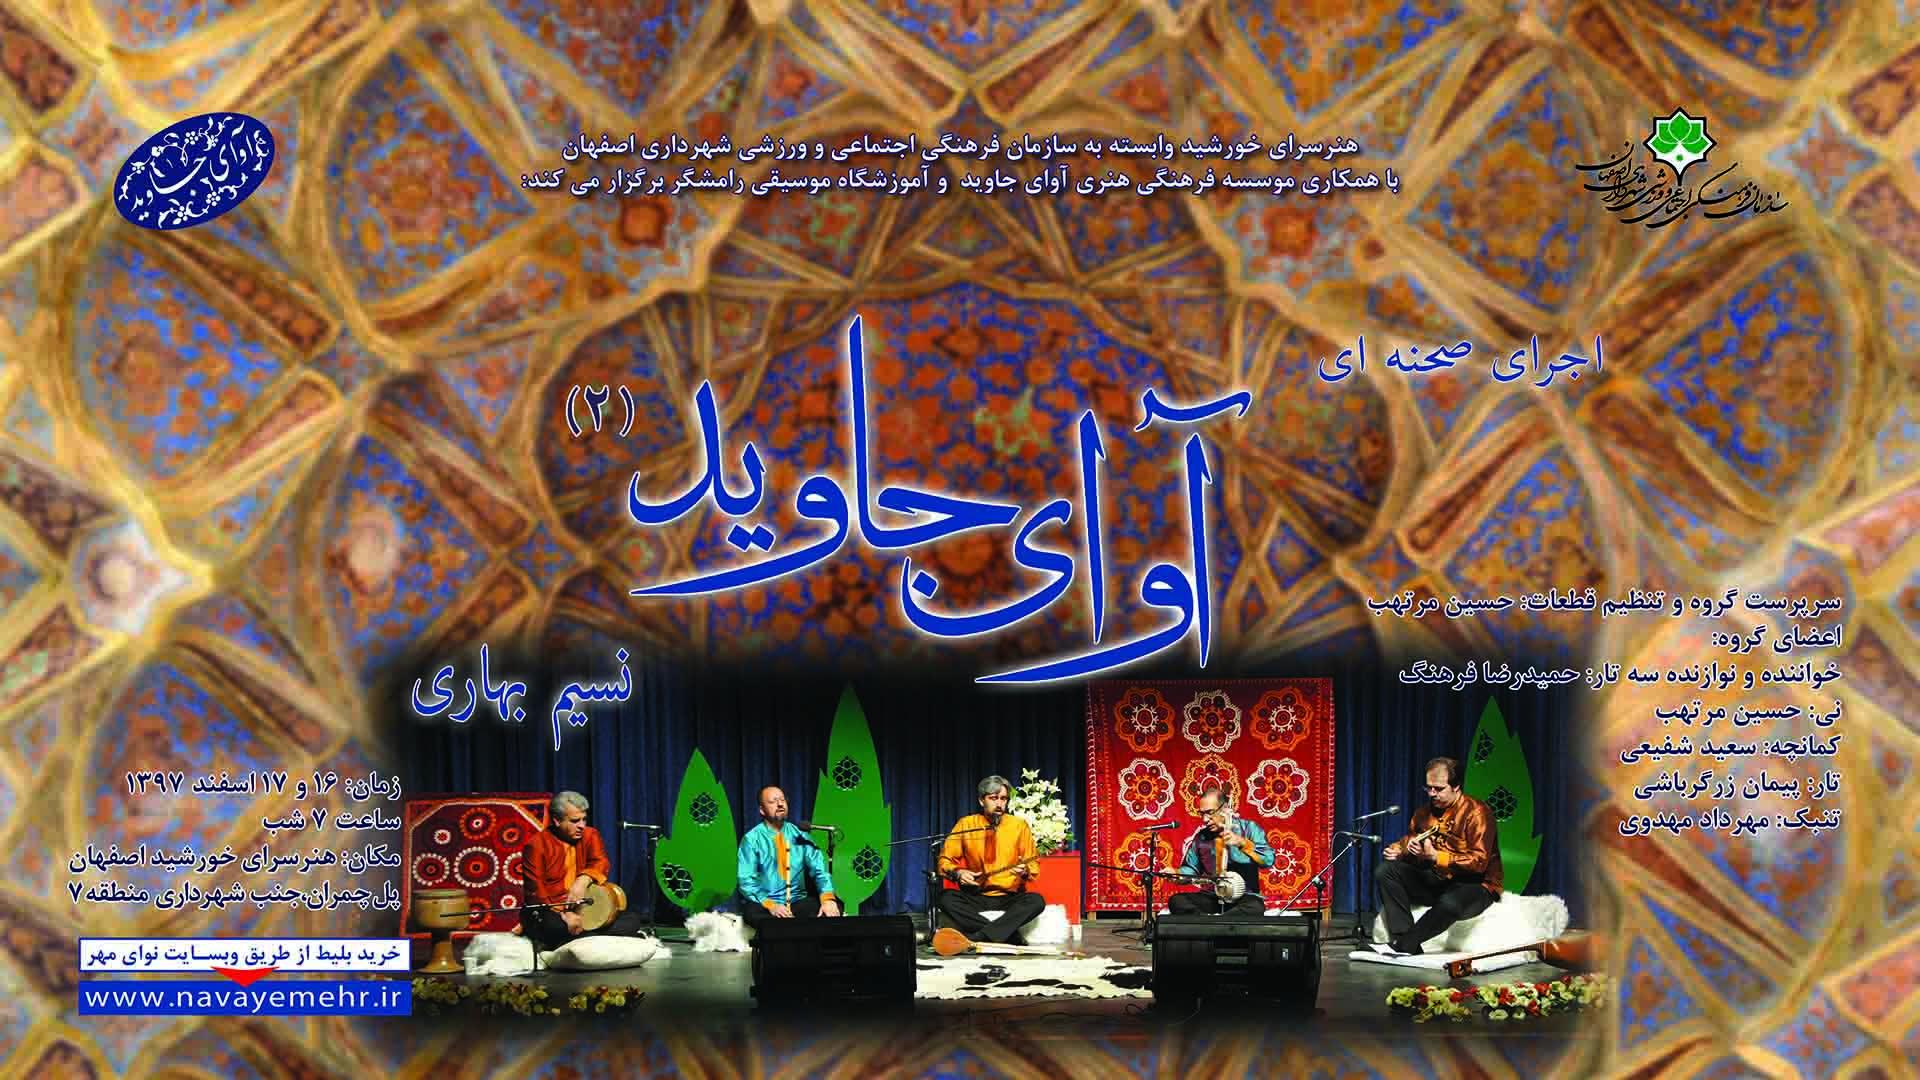 کنسرت موسسه فرهنگی هنری آوای جاوید